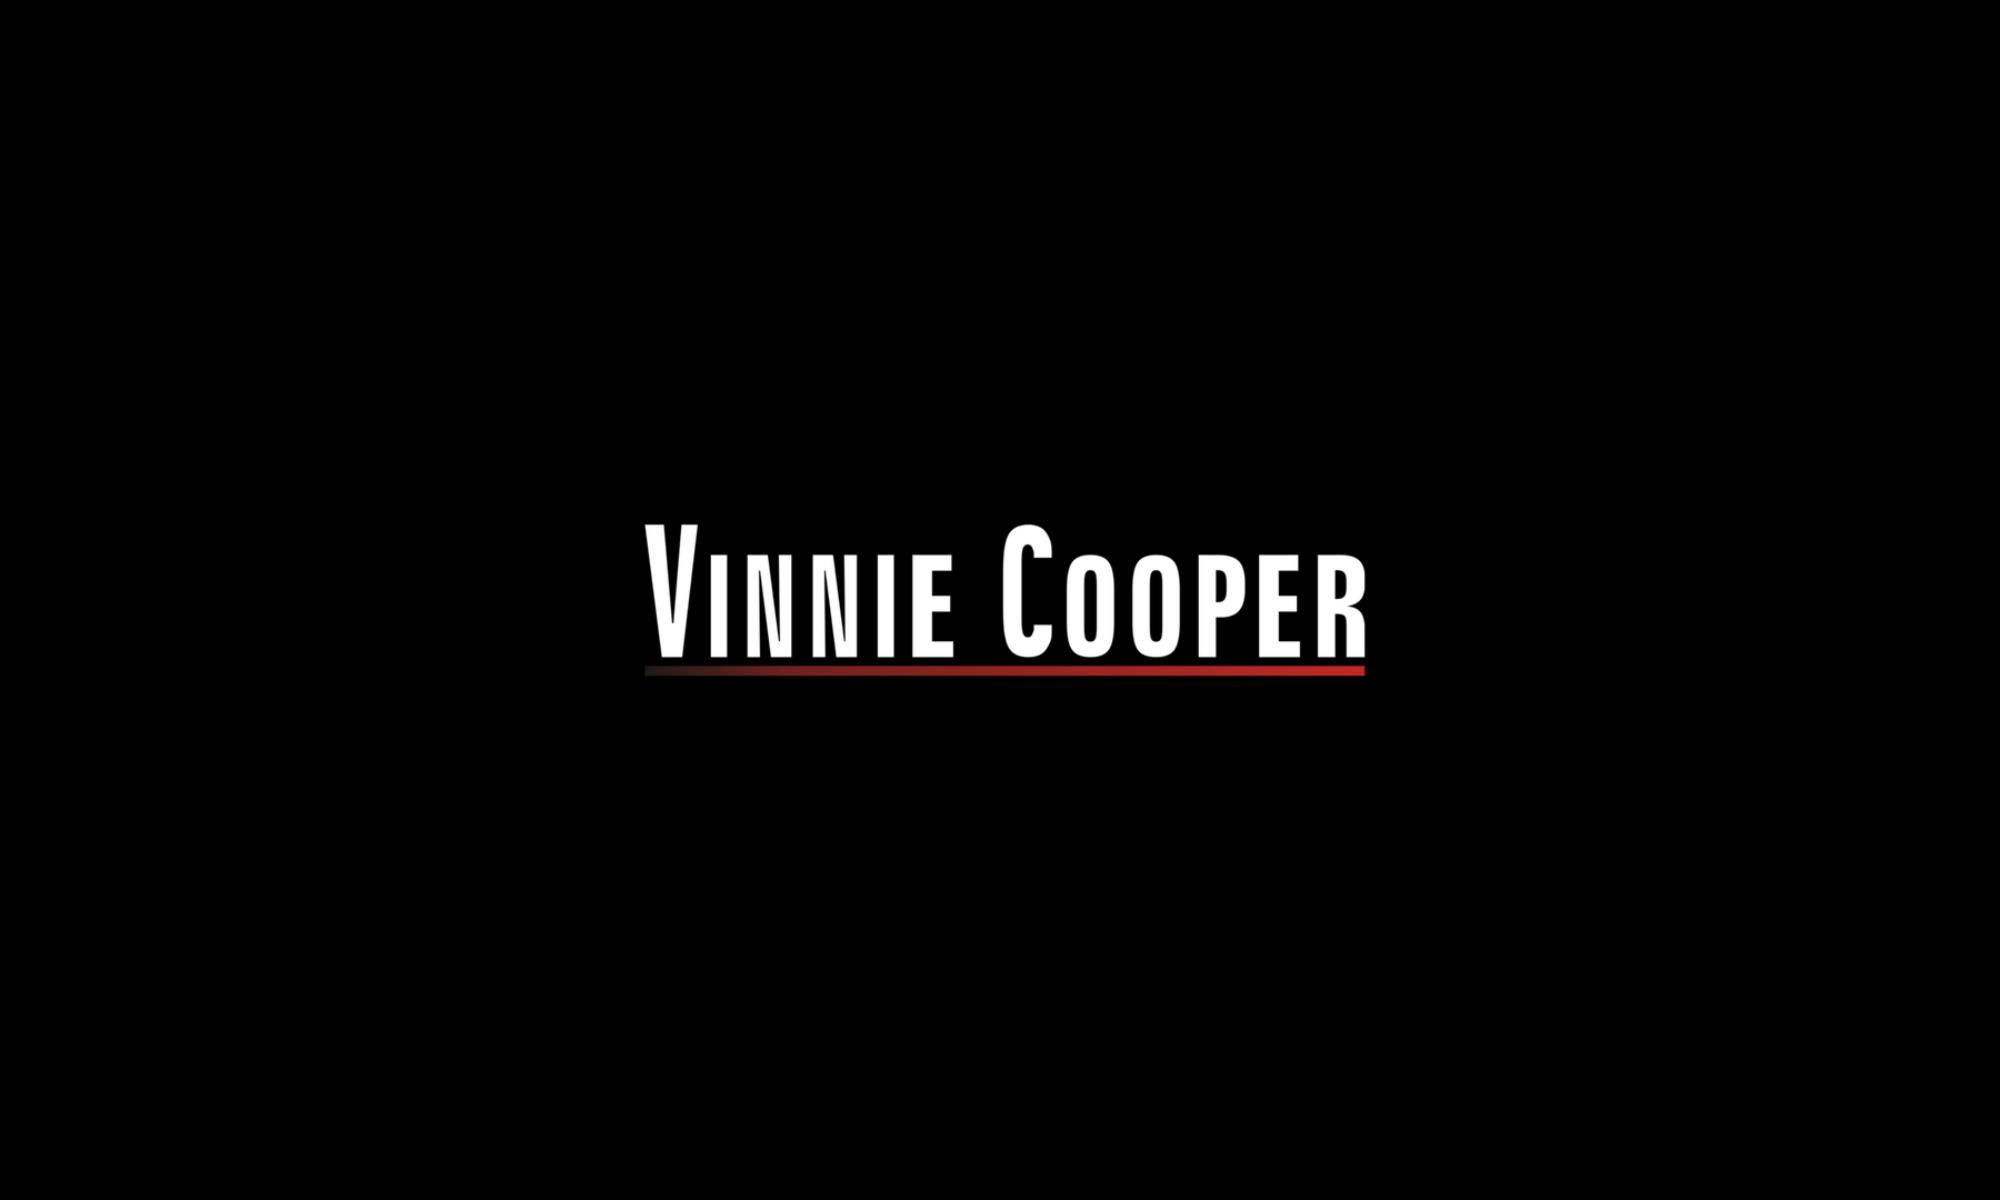 Vinnie Cooper